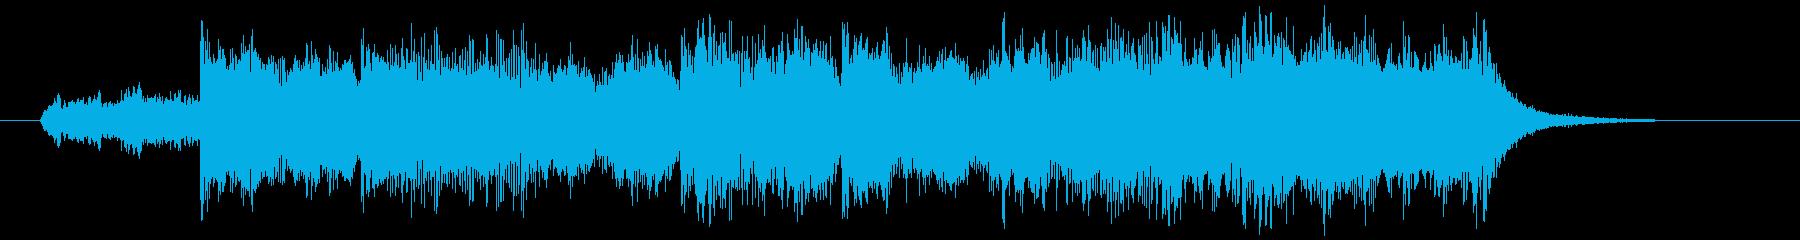 フェア開催!の再生済みの波形